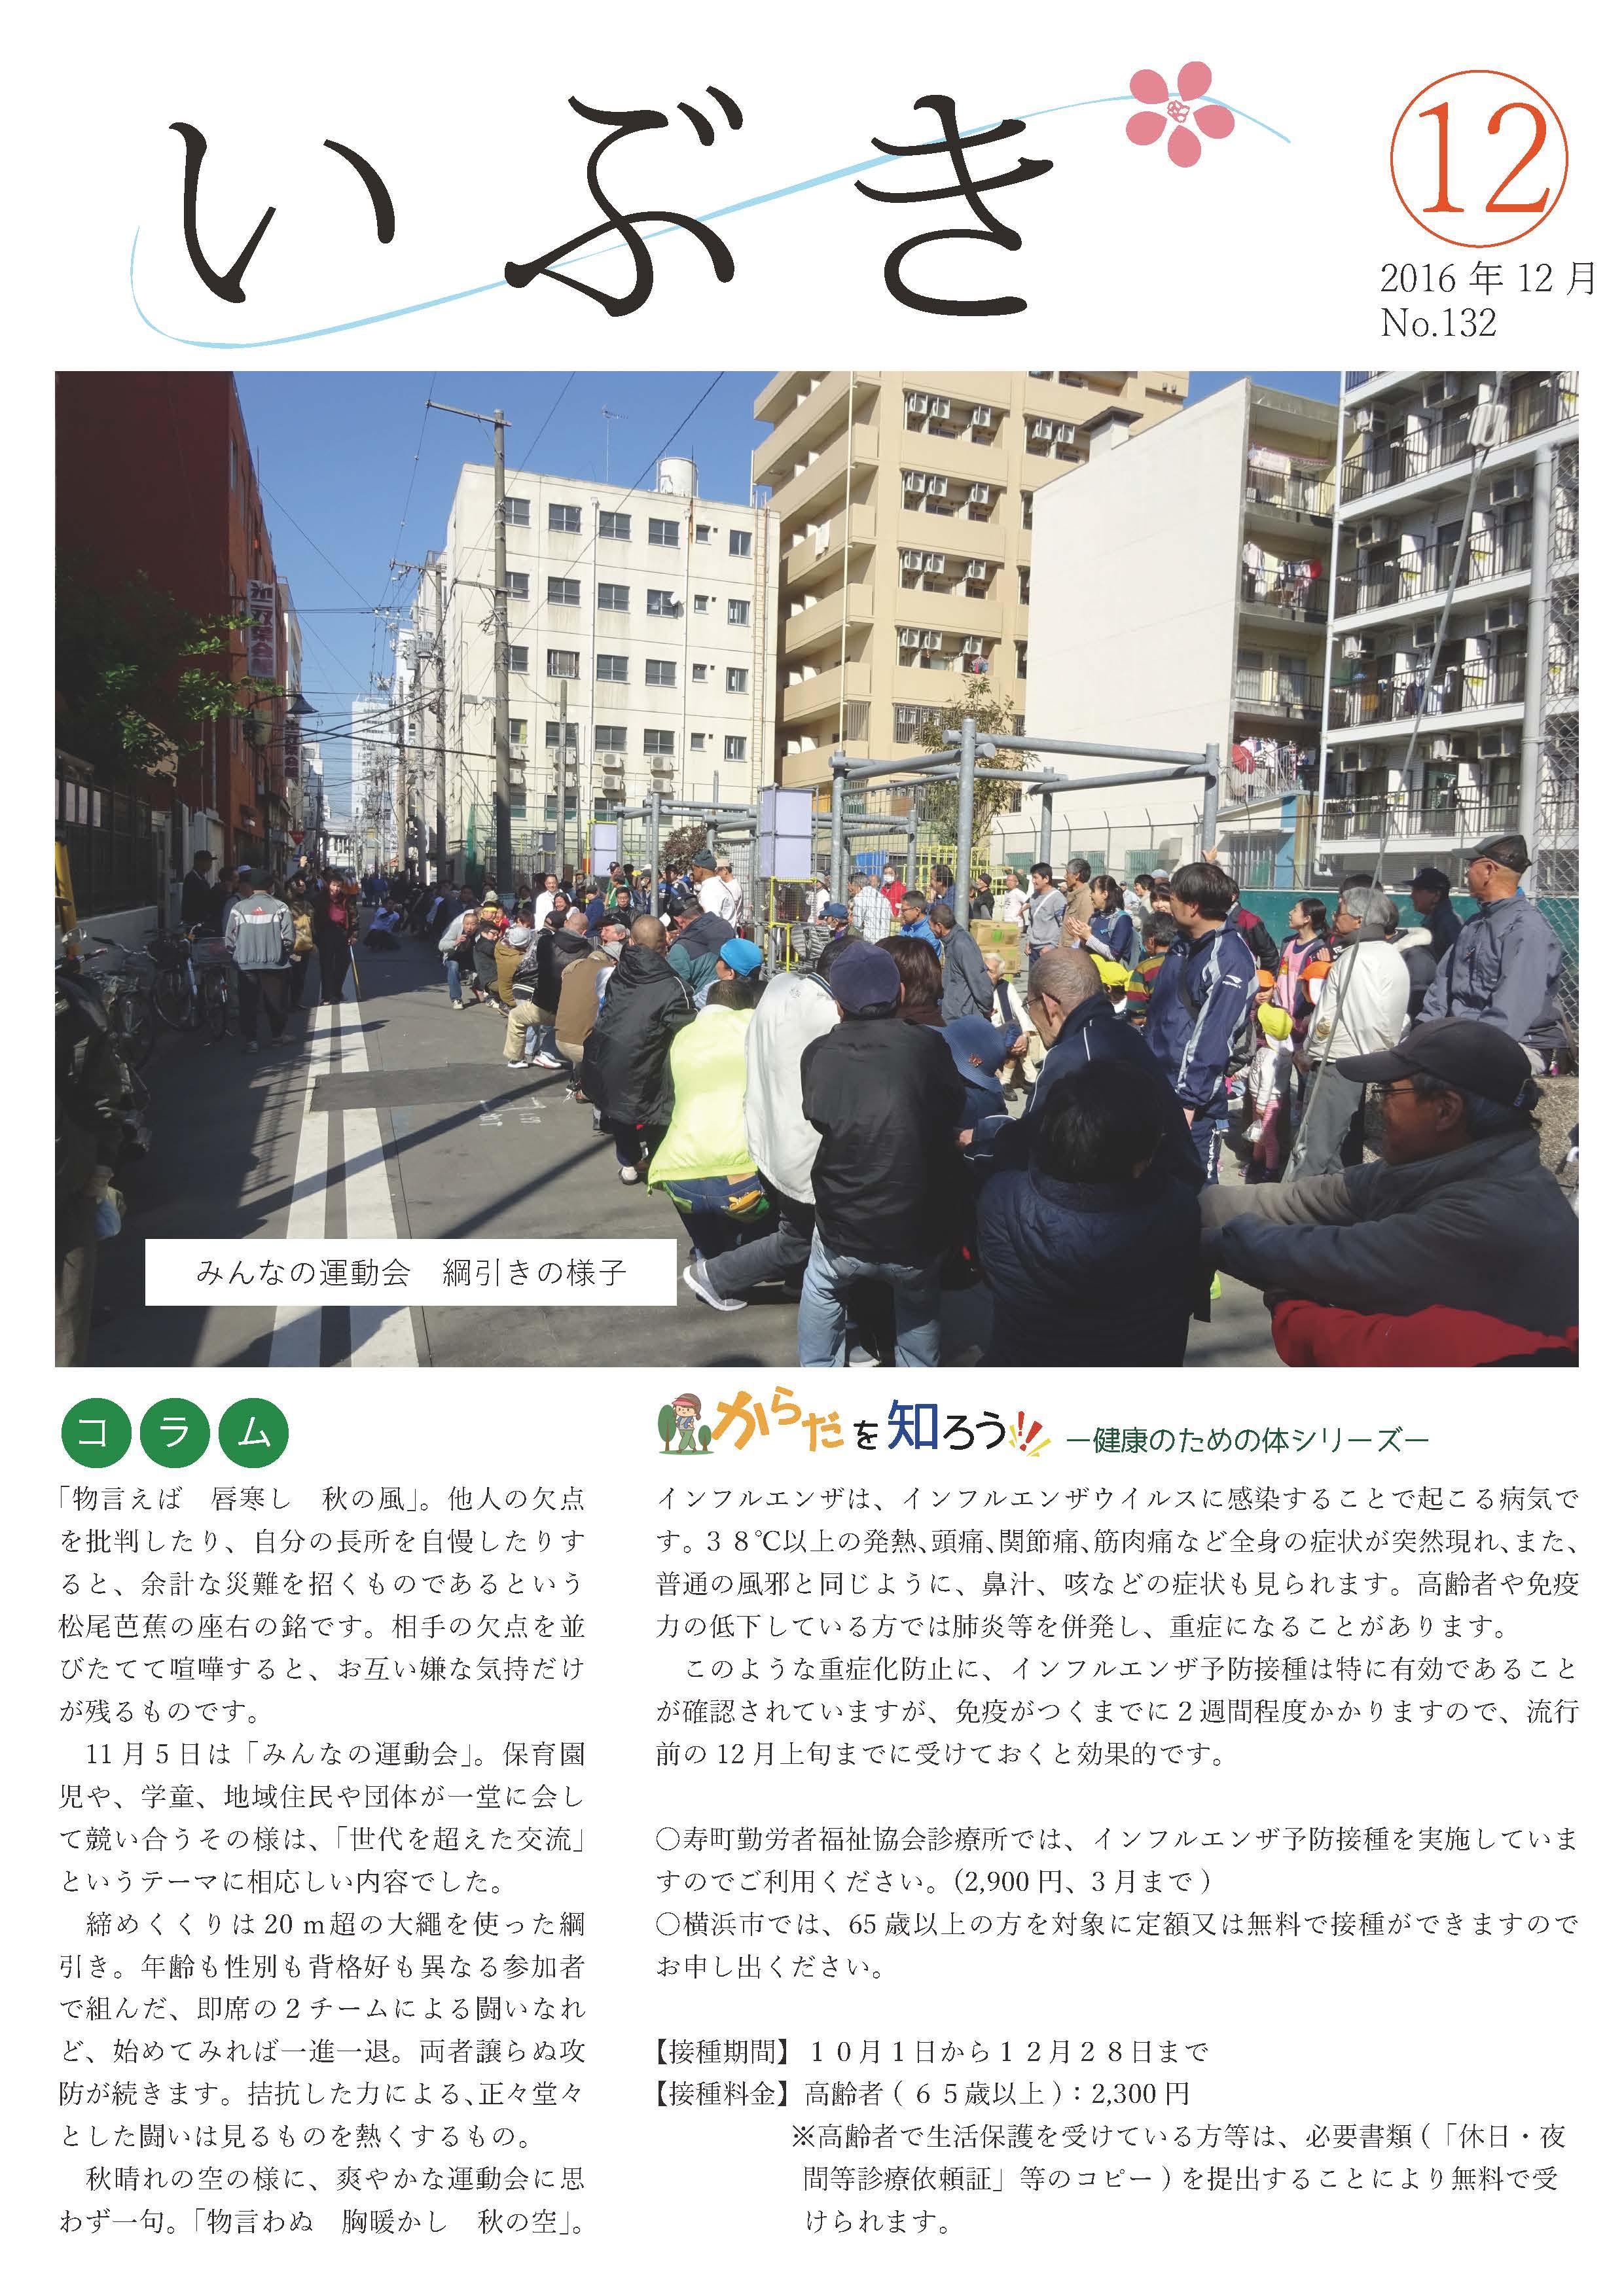 広報誌いぶき2016.12月号(No.132)